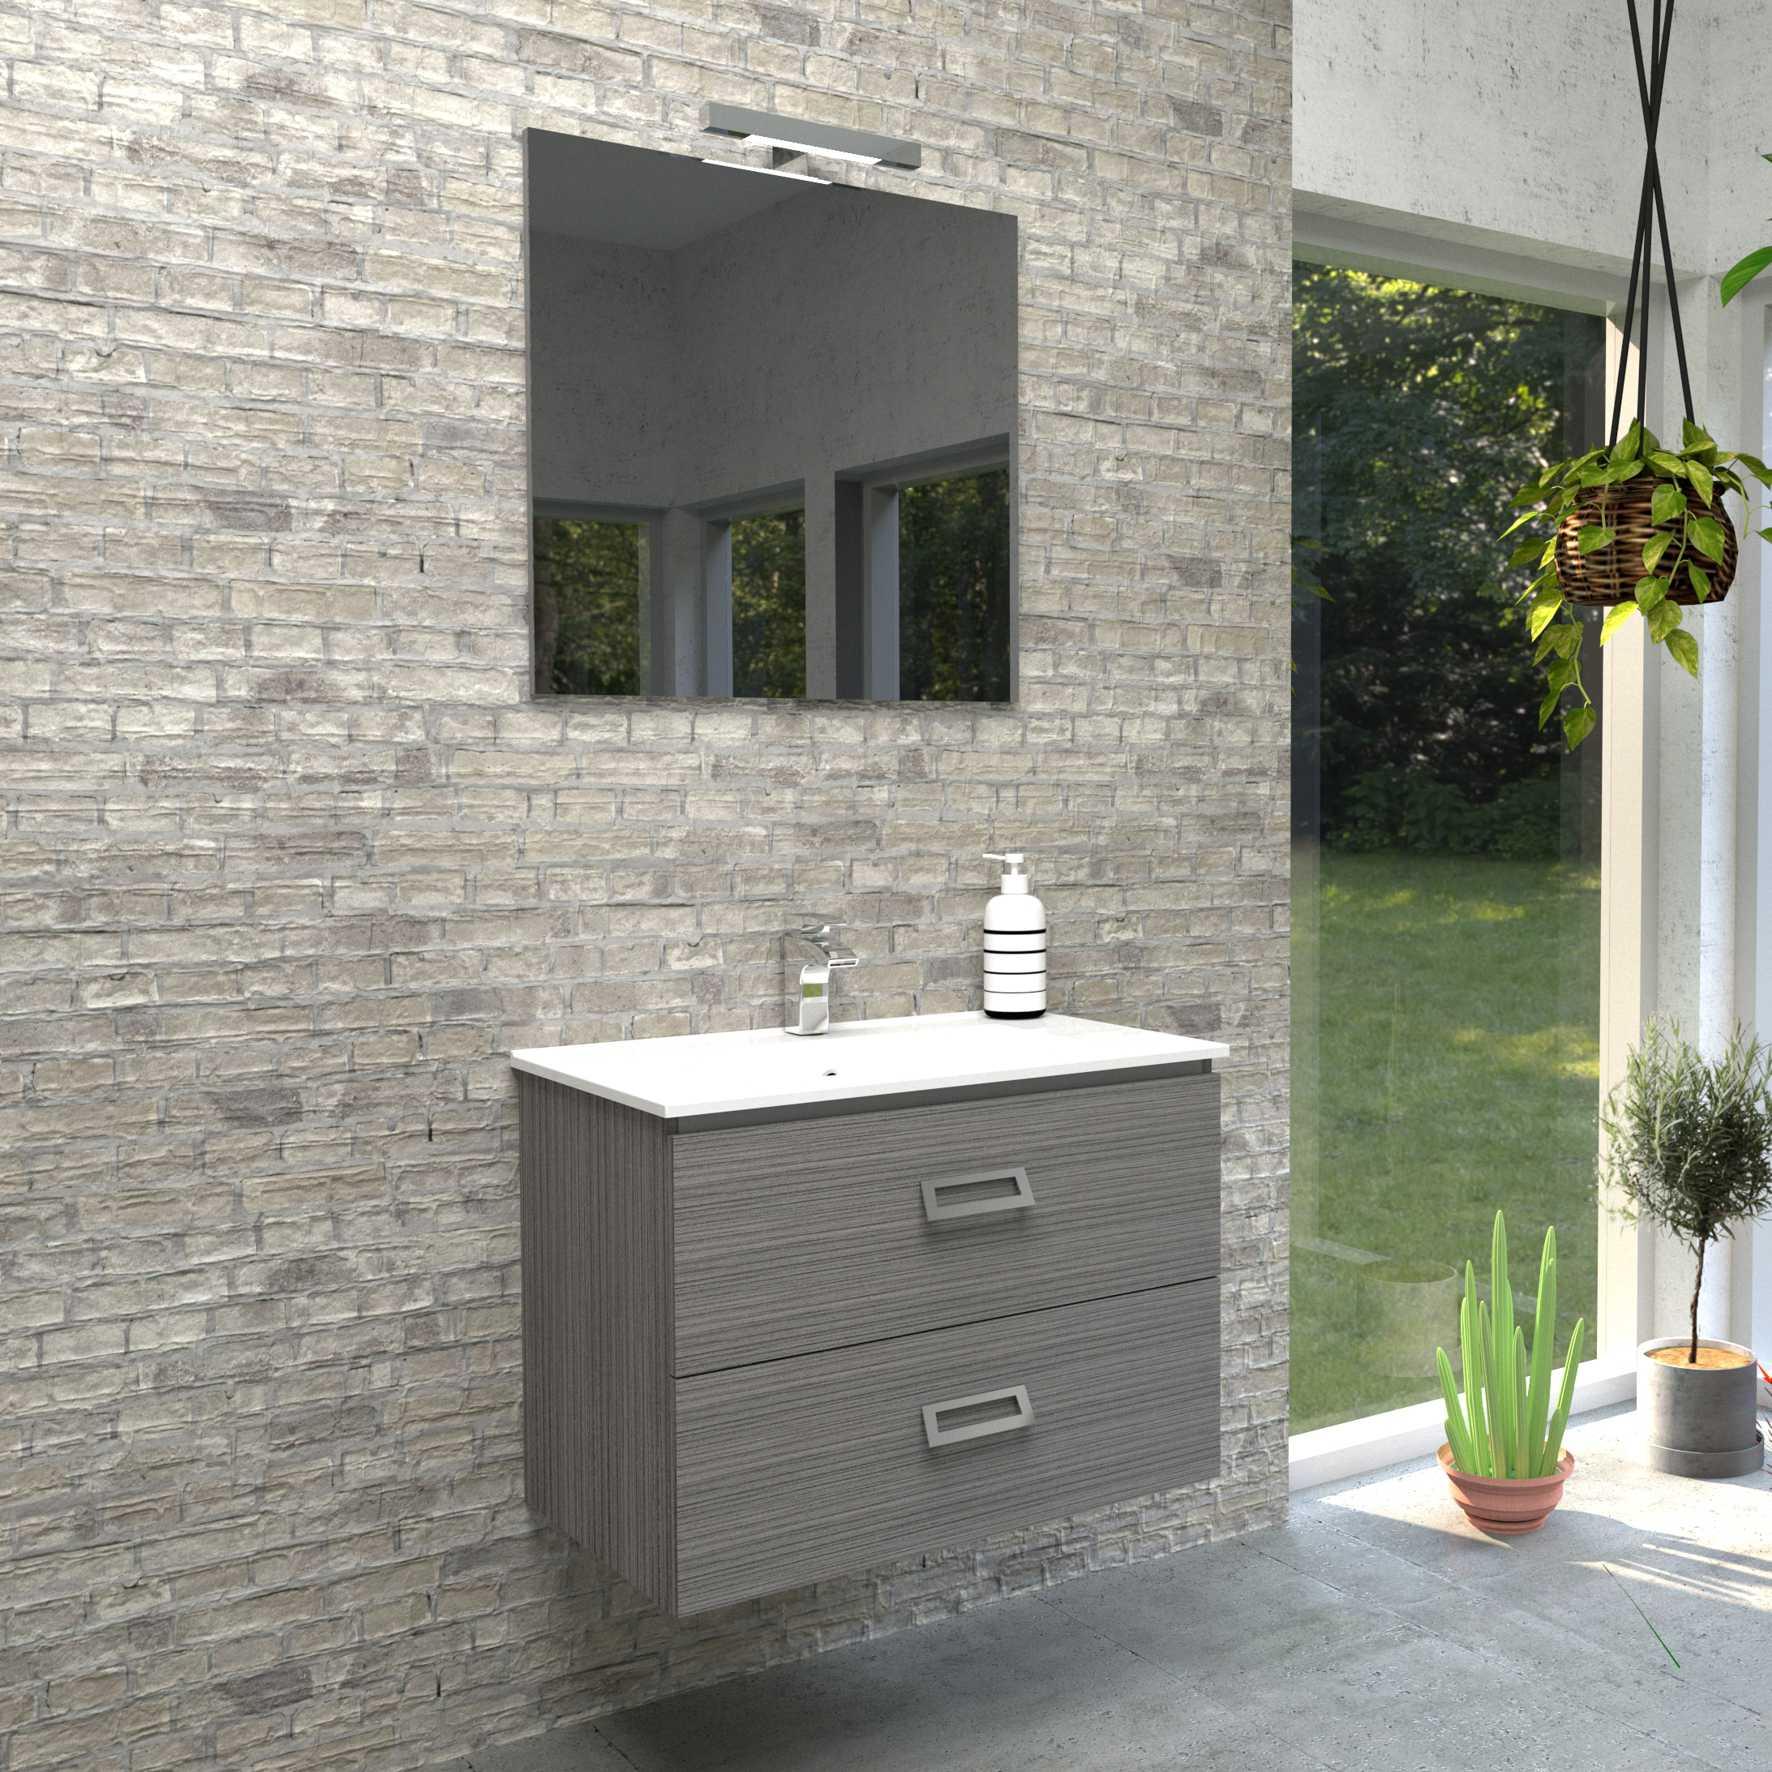 Mobile bagno sospeso QUADRO 75x46 cm grigio matrix con lavabo in ceramica